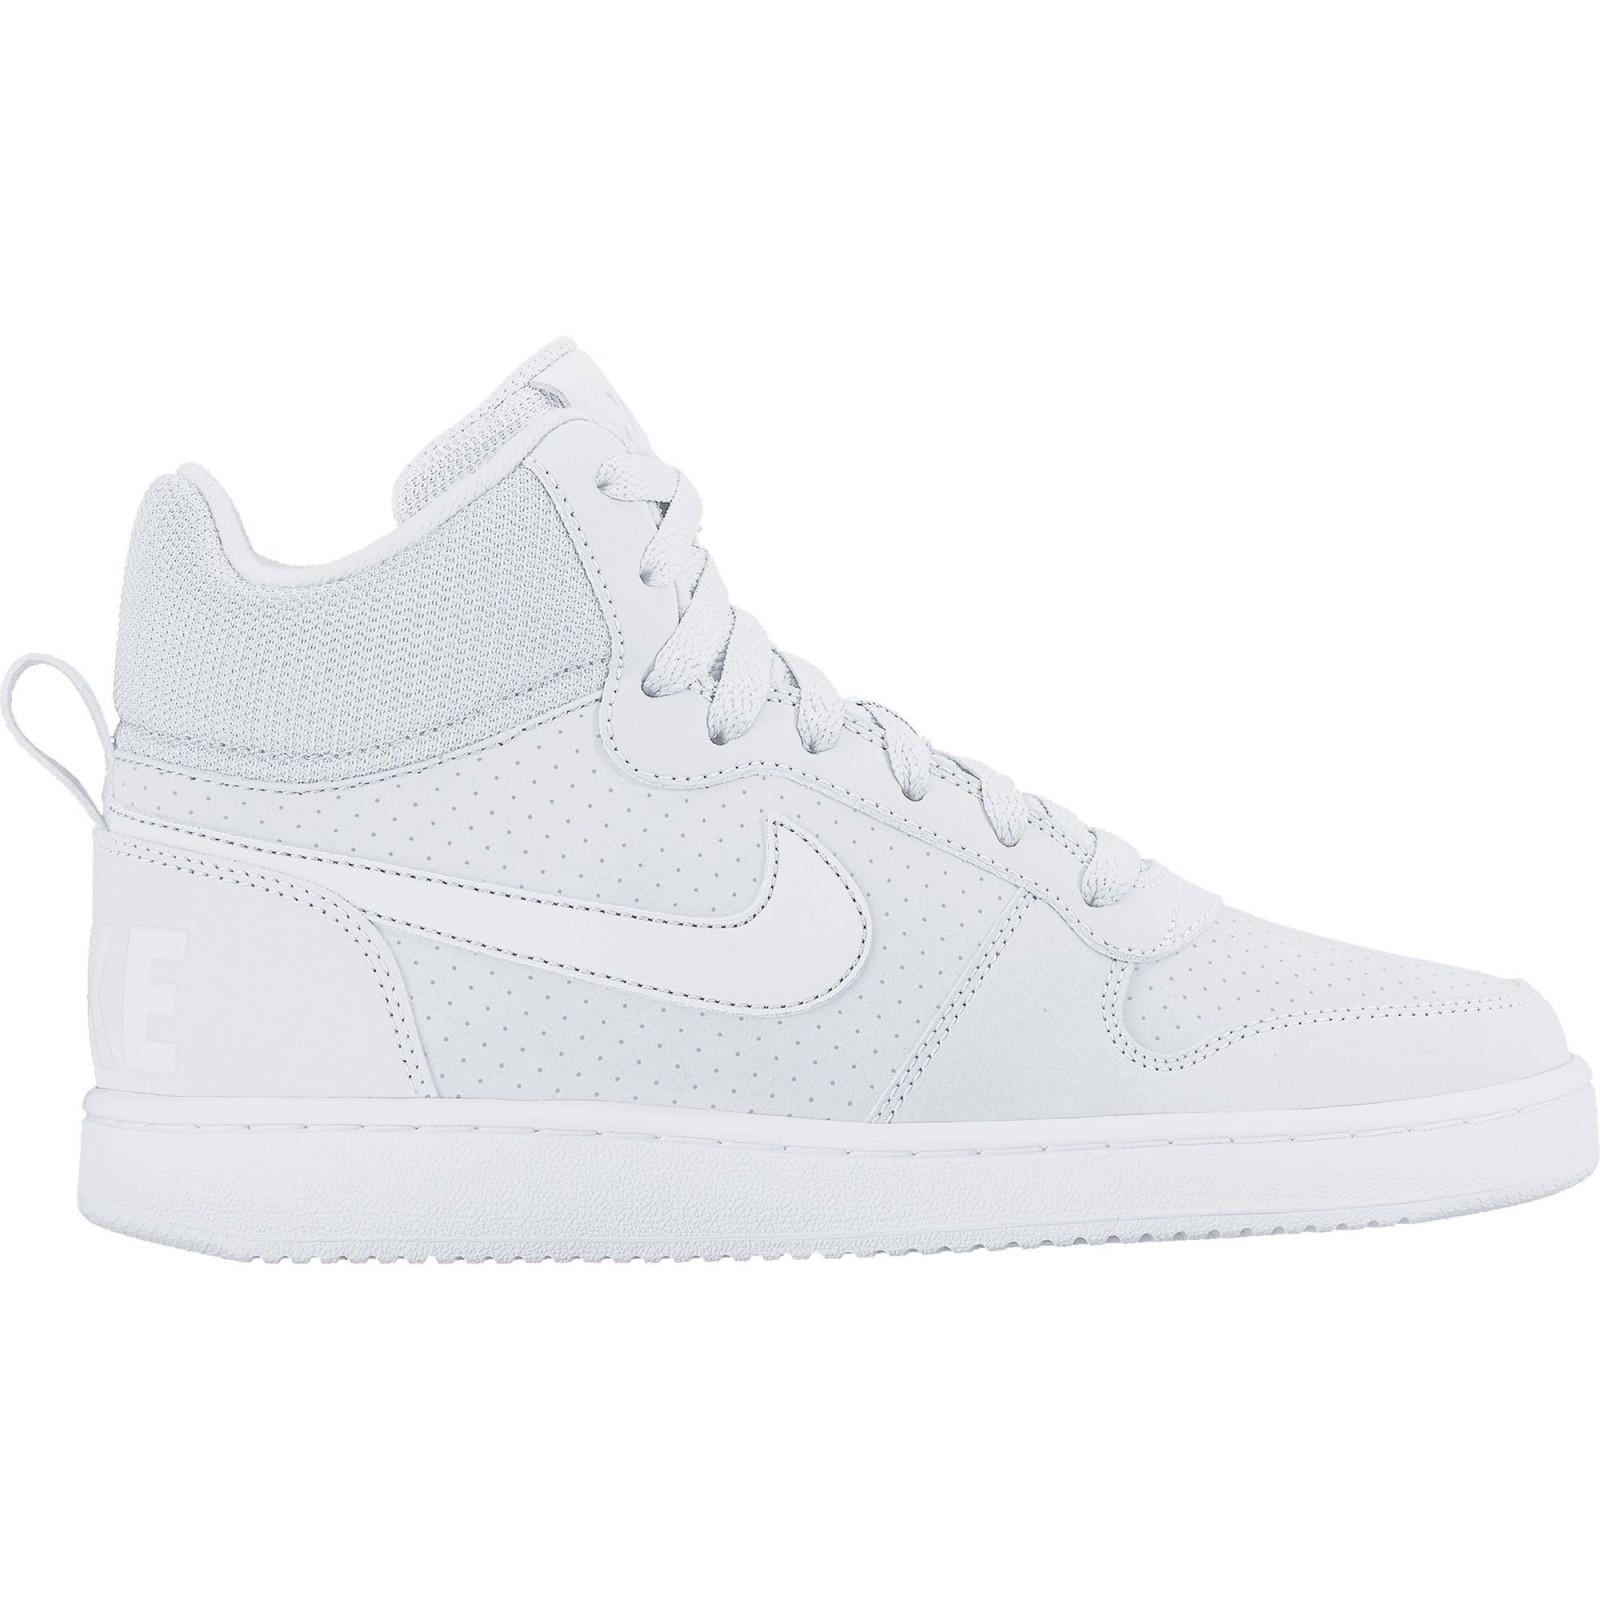 cc3ccf08b Dámské boty Nike WMNS COURT BOROUGH MID WHITE/WHITE-WHITE - Glami.cz